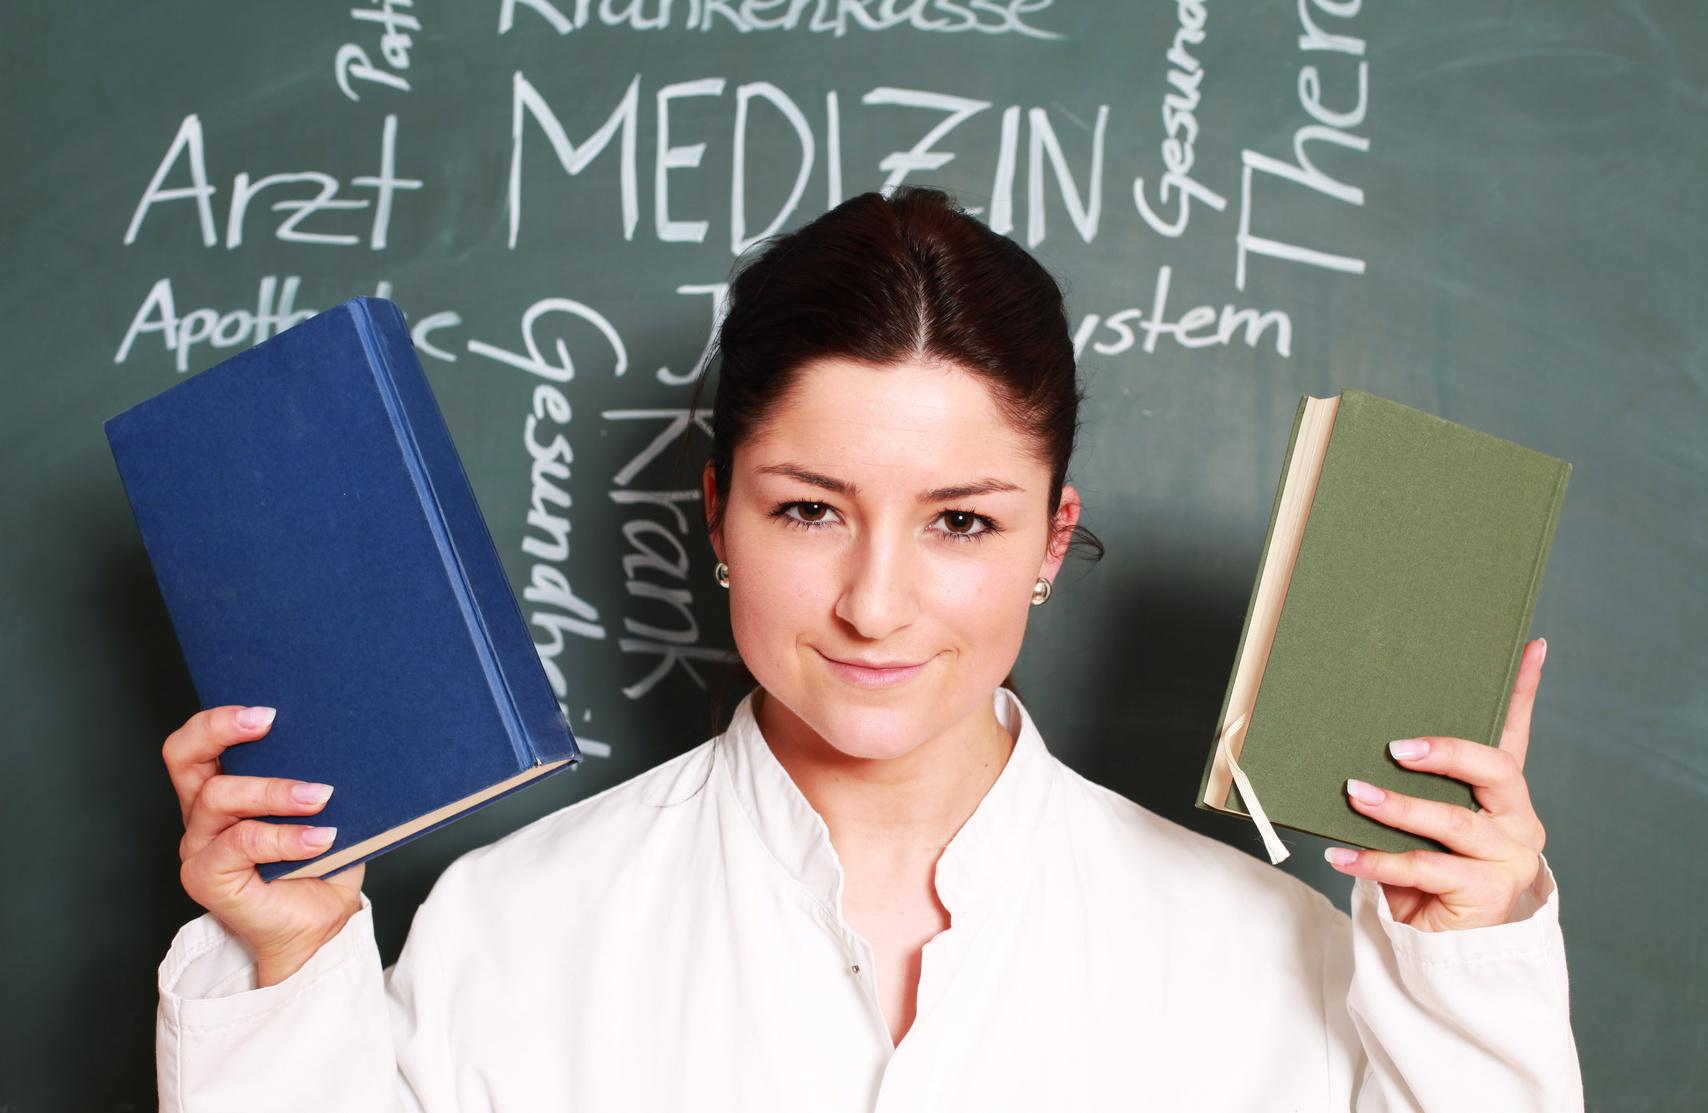 Medizinstudium ohne abitur so geht s for Ohne abitur studieren